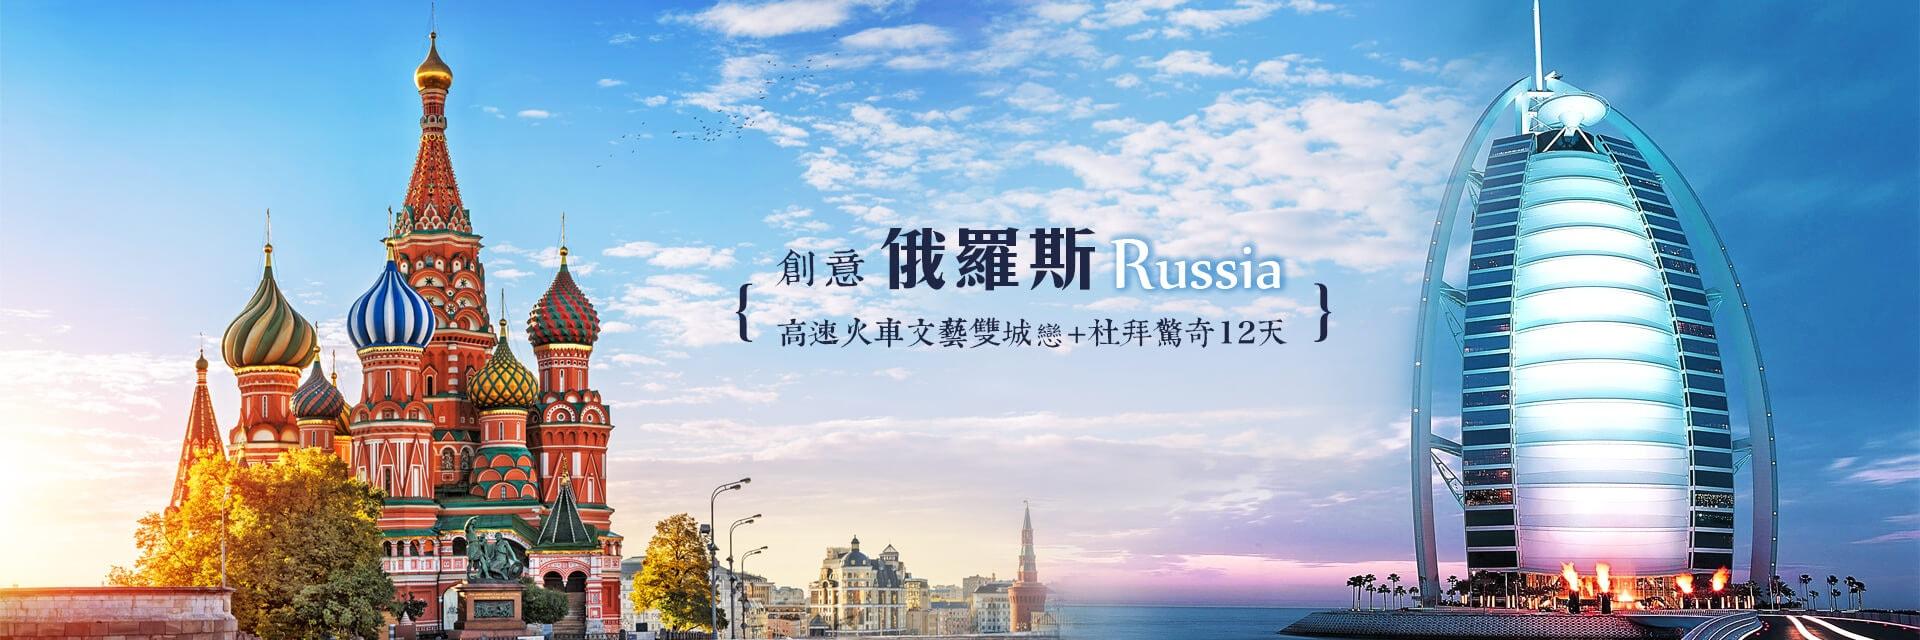 俄羅斯杜拜旅遊